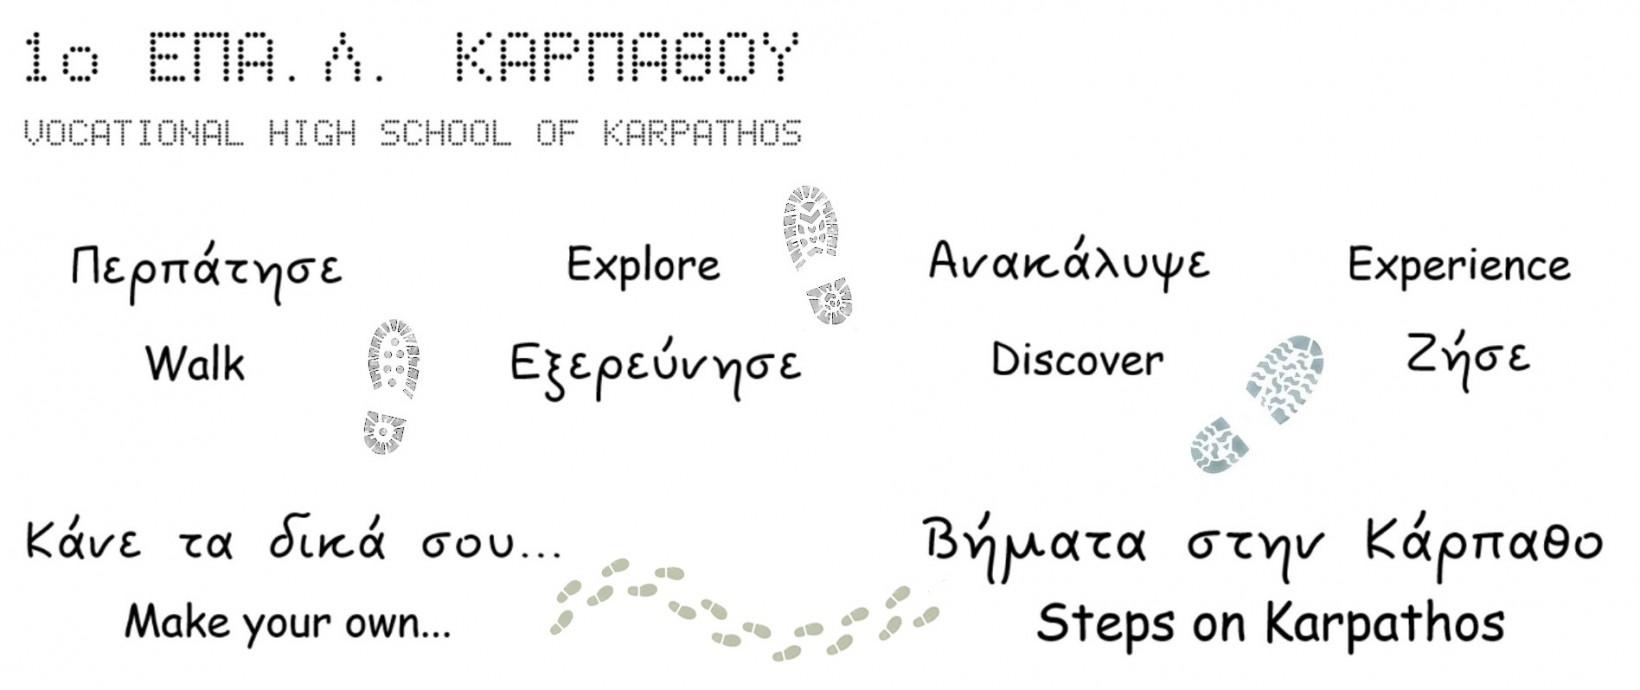 ΠΕΖΟΠΟΡΙΕΣ, ΒΗΜΑΤΑ ΣΤΗΝ ΚΑΡΠΑΘΟ, ΕΠΑΛ ΚΑΡΠΑΘΟΥ, STEPS ON KARPATHOS, STEPSONKARPATHOS.GR